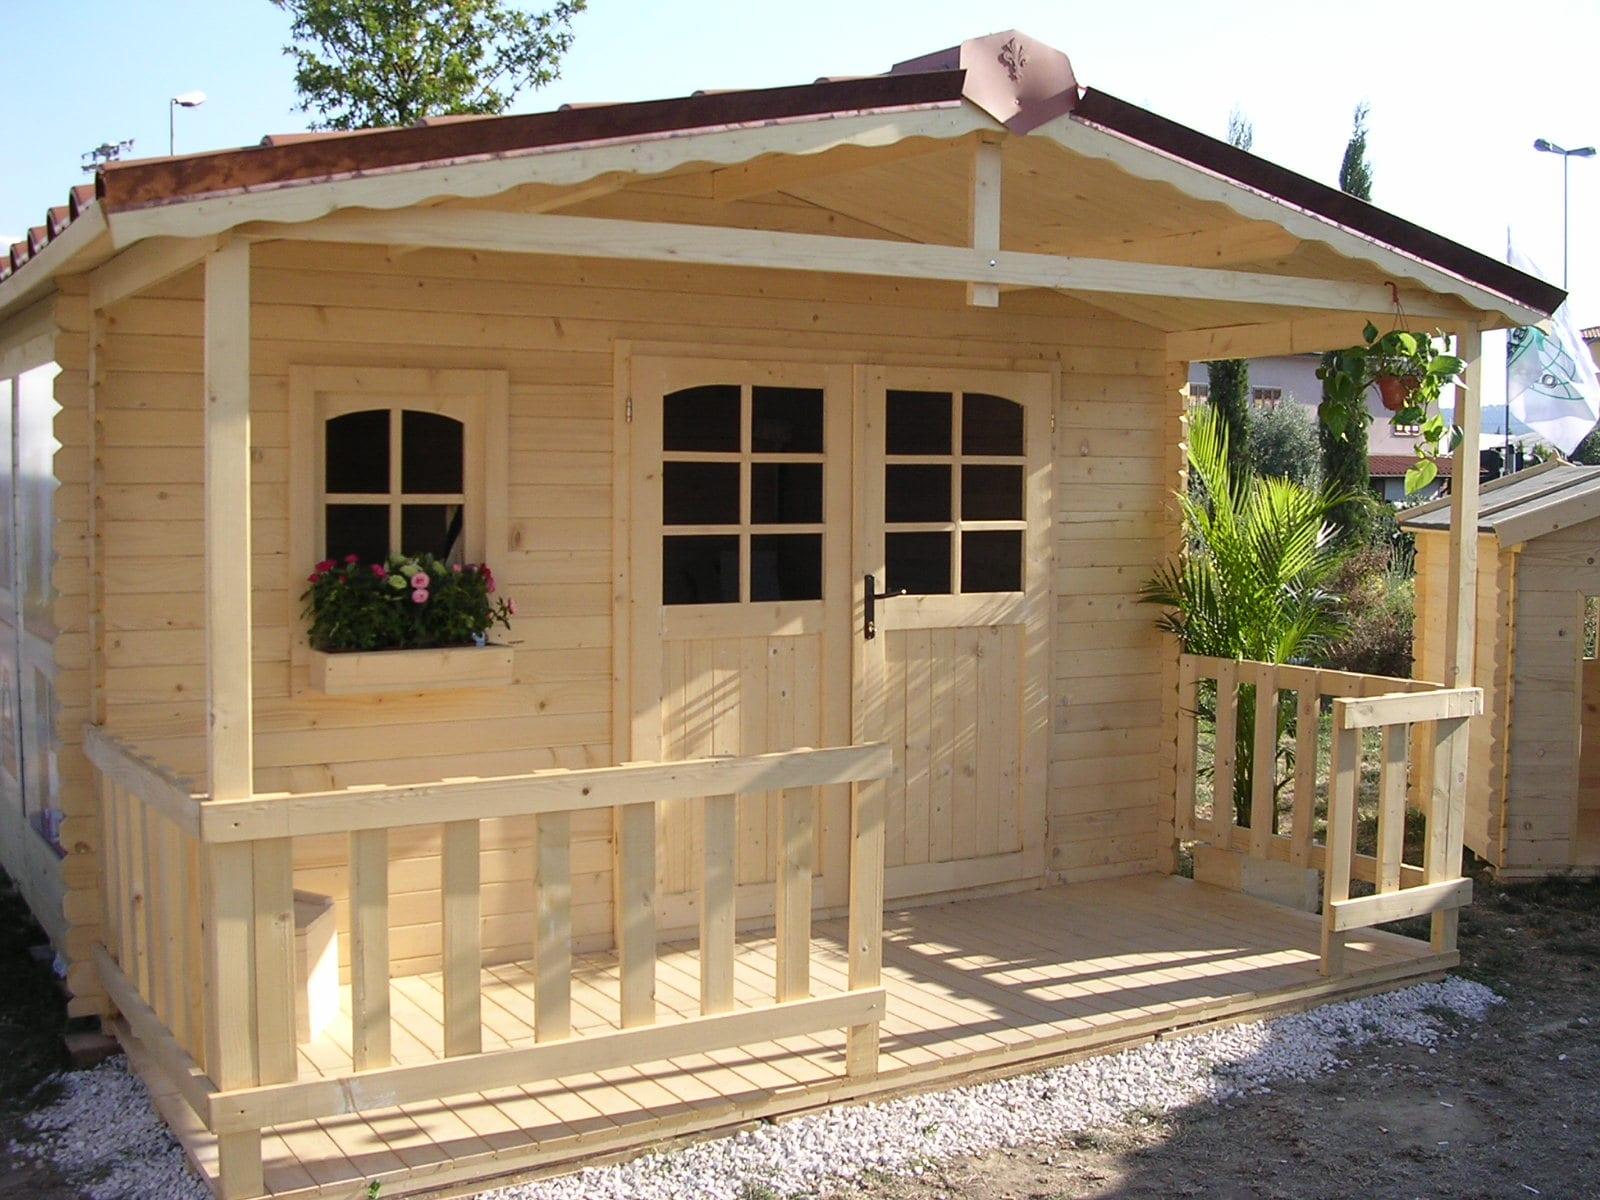 Casetas bonitas para el jard n for Casetas de madera para jardin baratas segunda mano